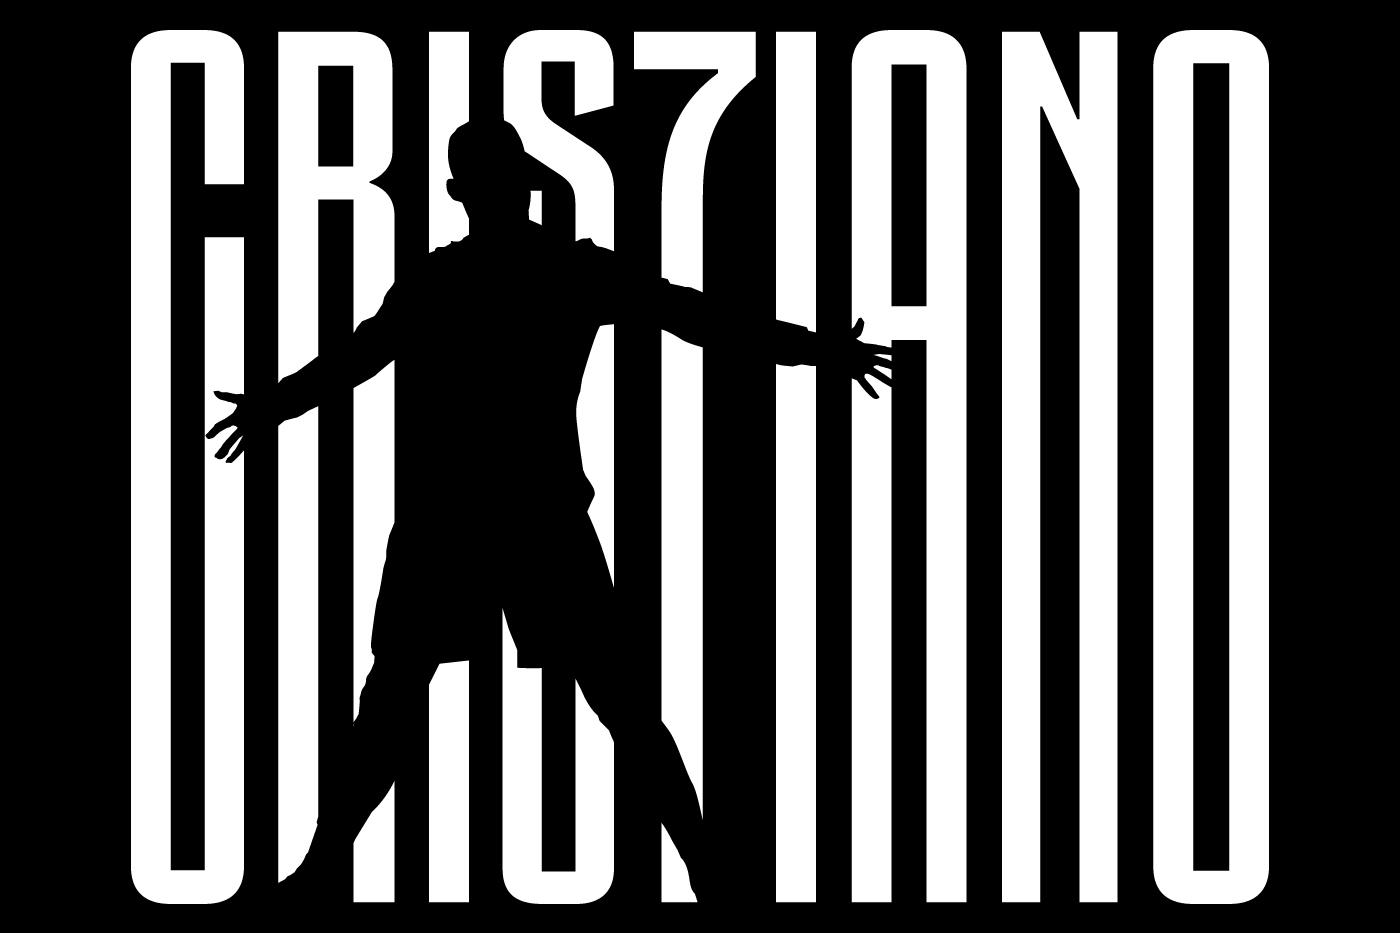 طرح جدید سایت باشگاه یونتوس برای خوش آمد گویی به رونالدو / عکس